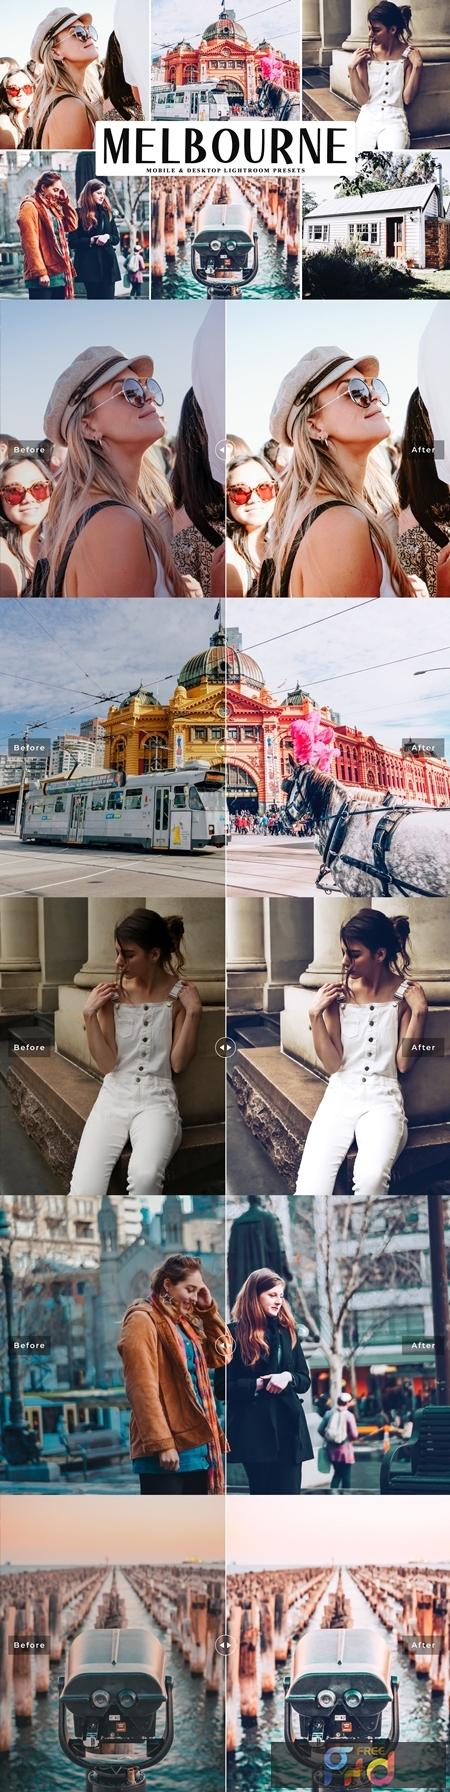 Melbourne Lightroom Presets Pack 4472874 1